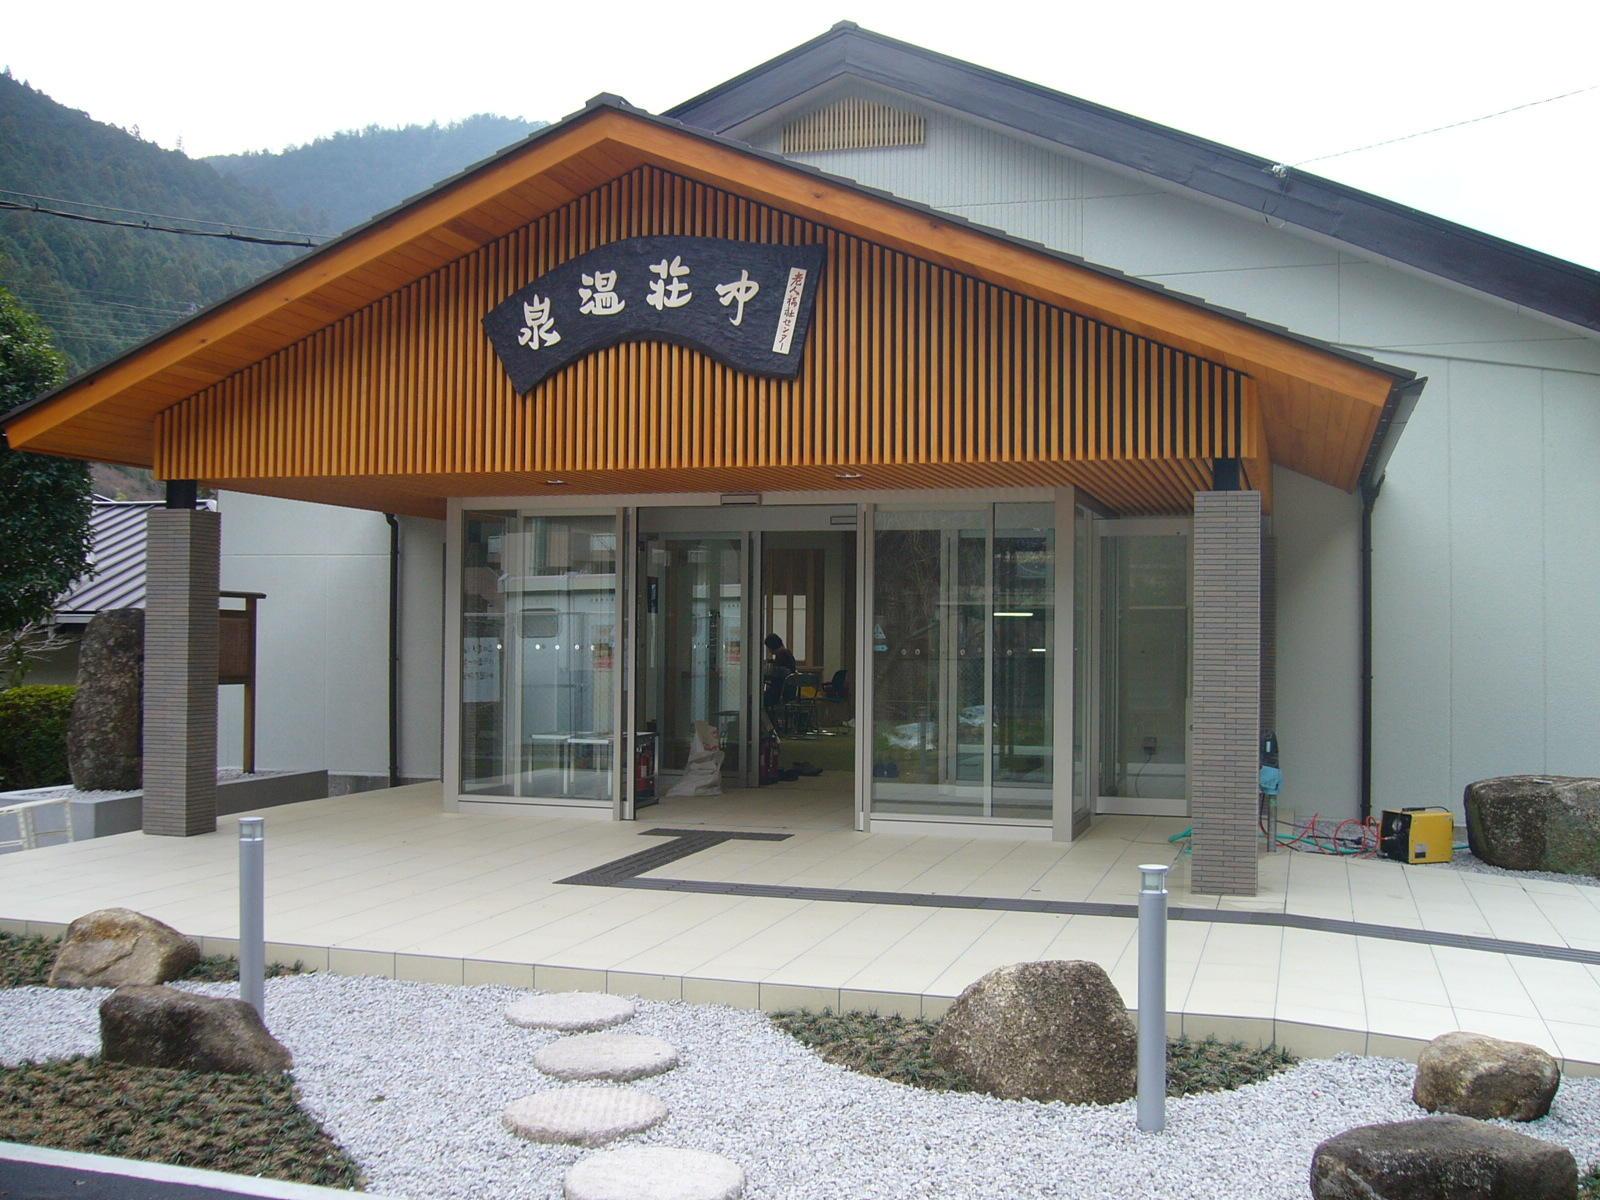 町立老人福祉センター ふれあいの湯 中荘温泉(なかしょうおんせん)